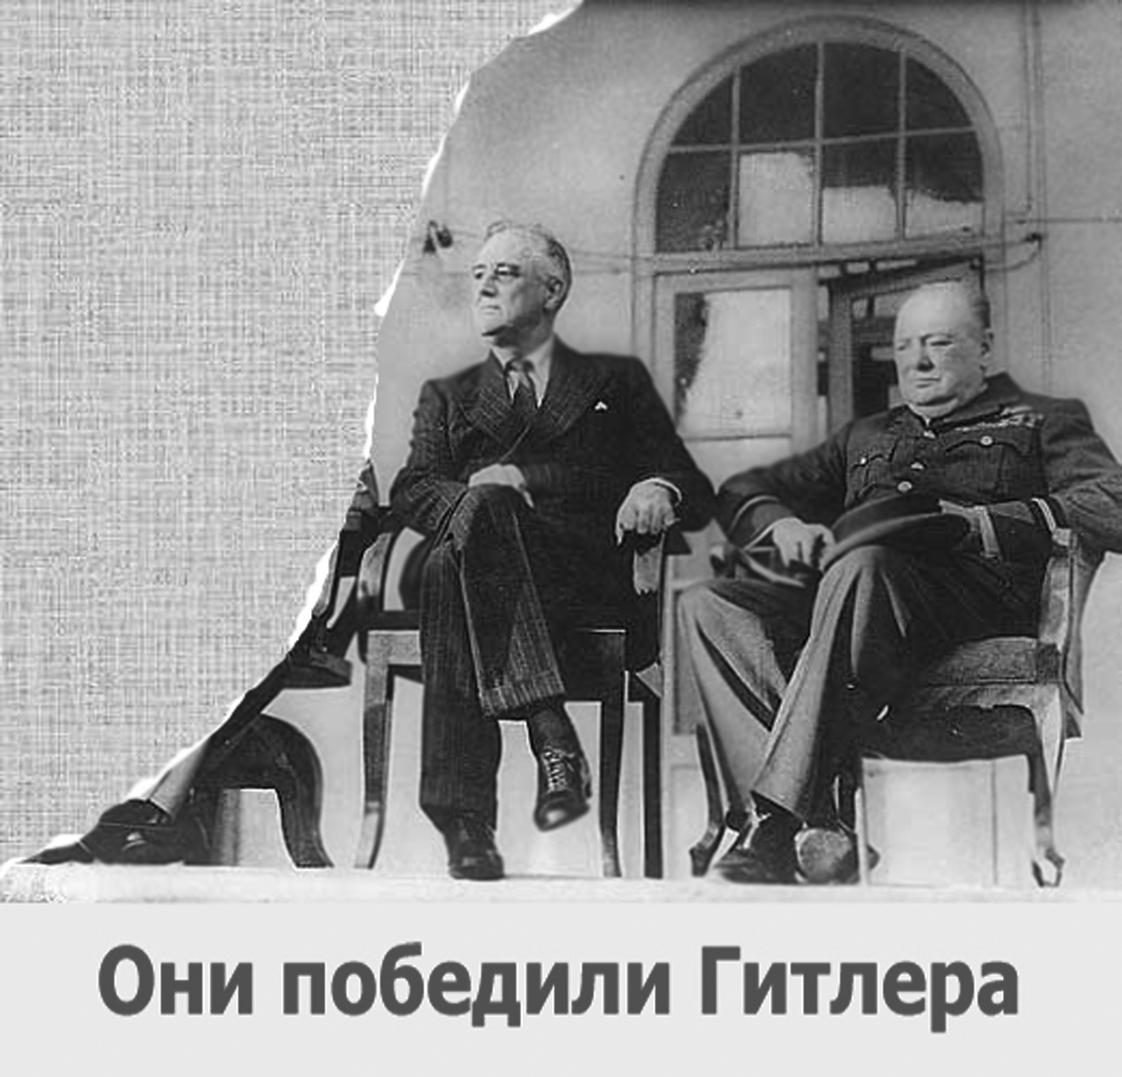 Они победили Гитлера.jpg